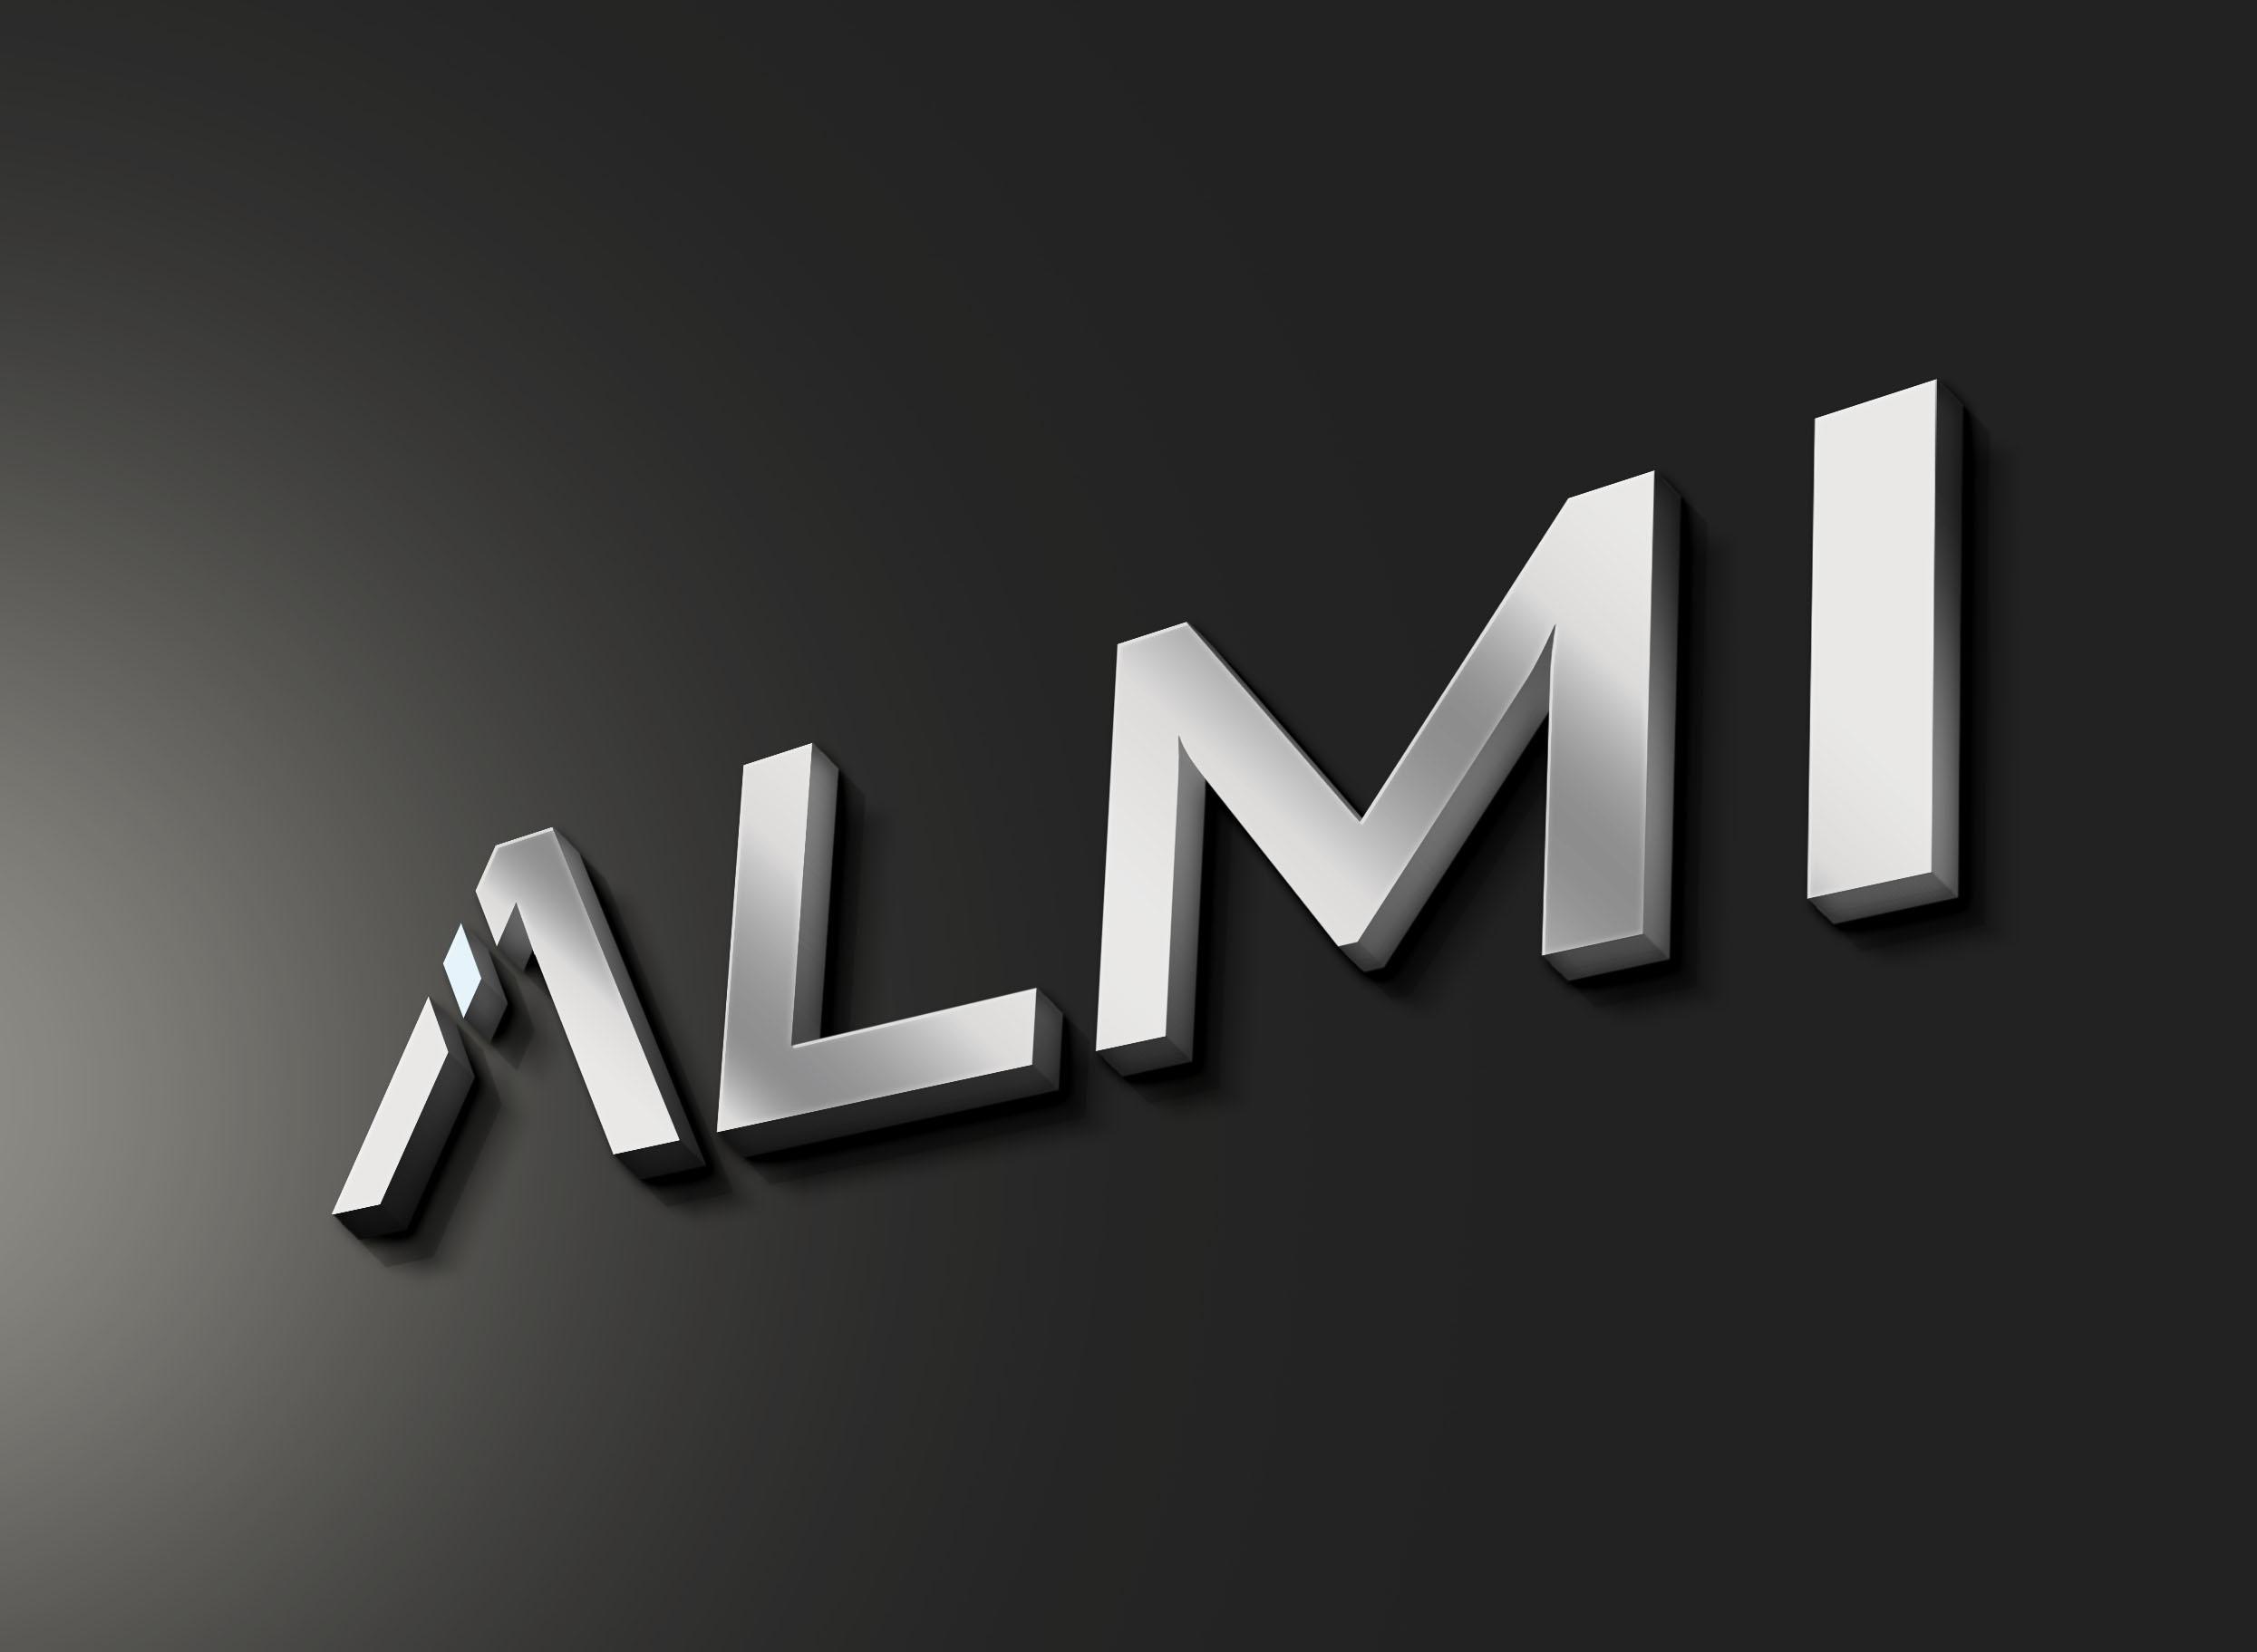 Разработка логотипа и фона фото f_728598c2383517c1.jpg